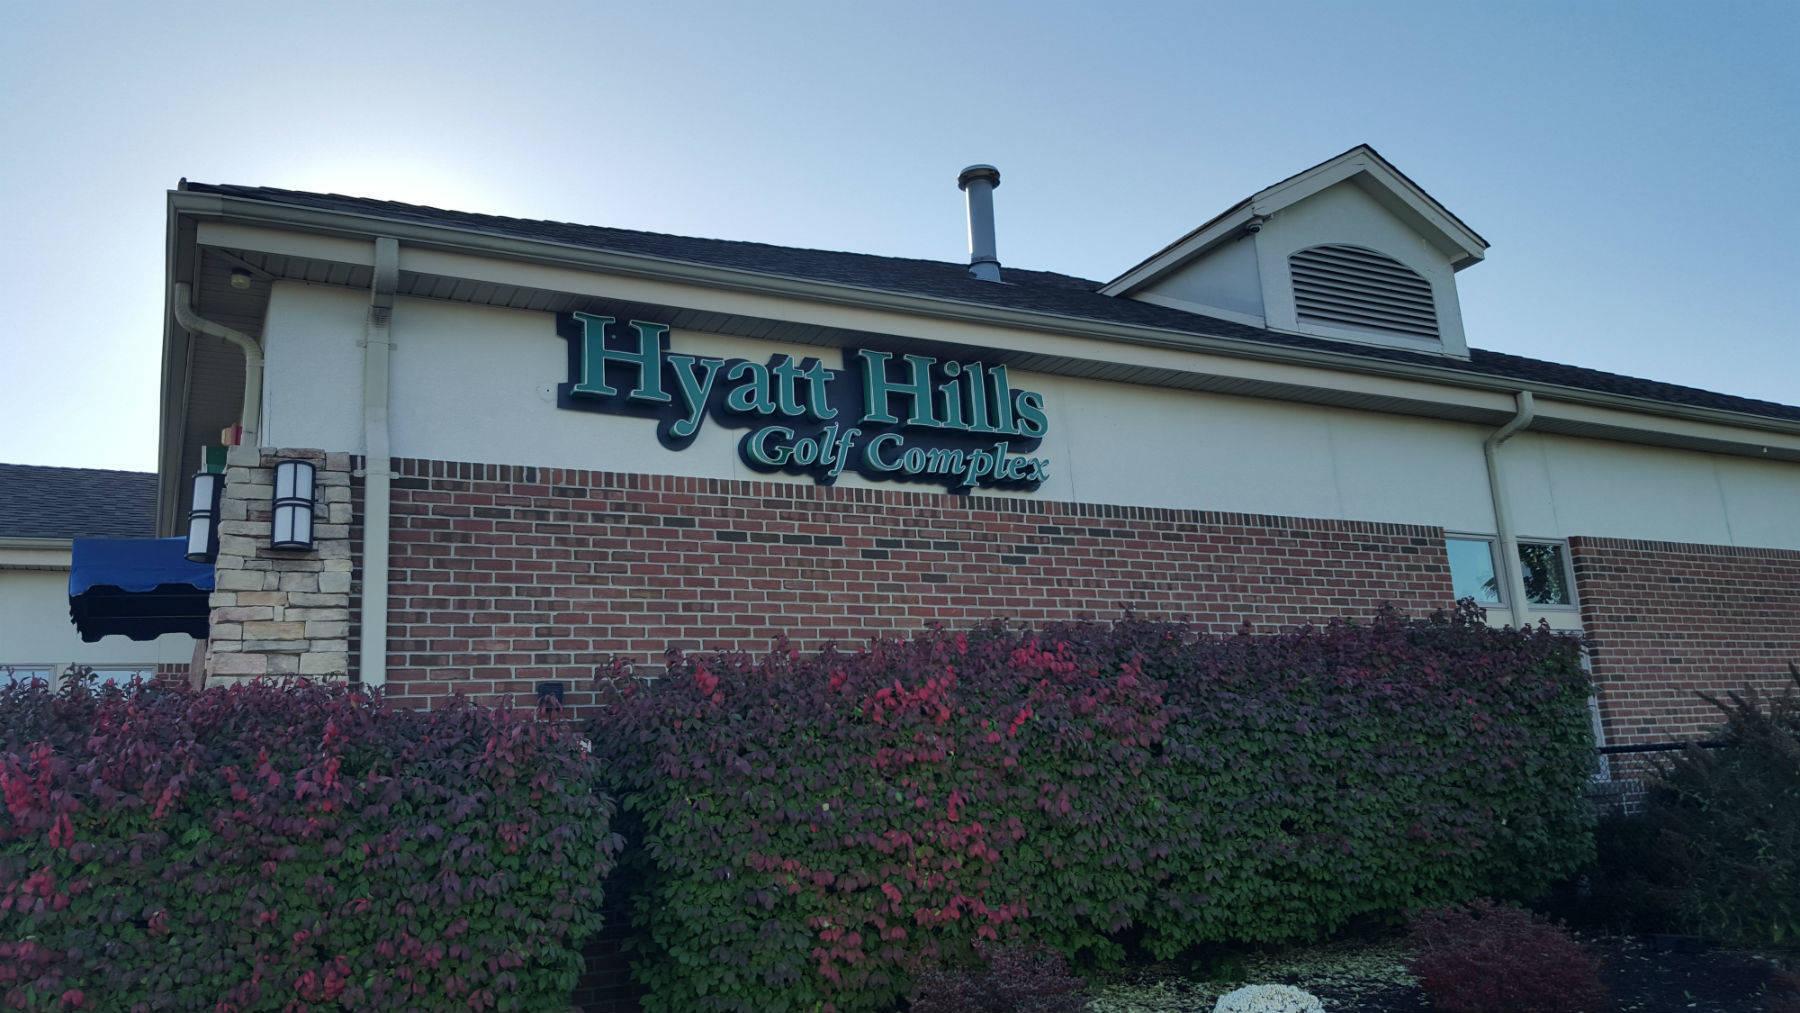 50e3ebf4d2e6d31deca7_hyatt_hills_golf.jpg